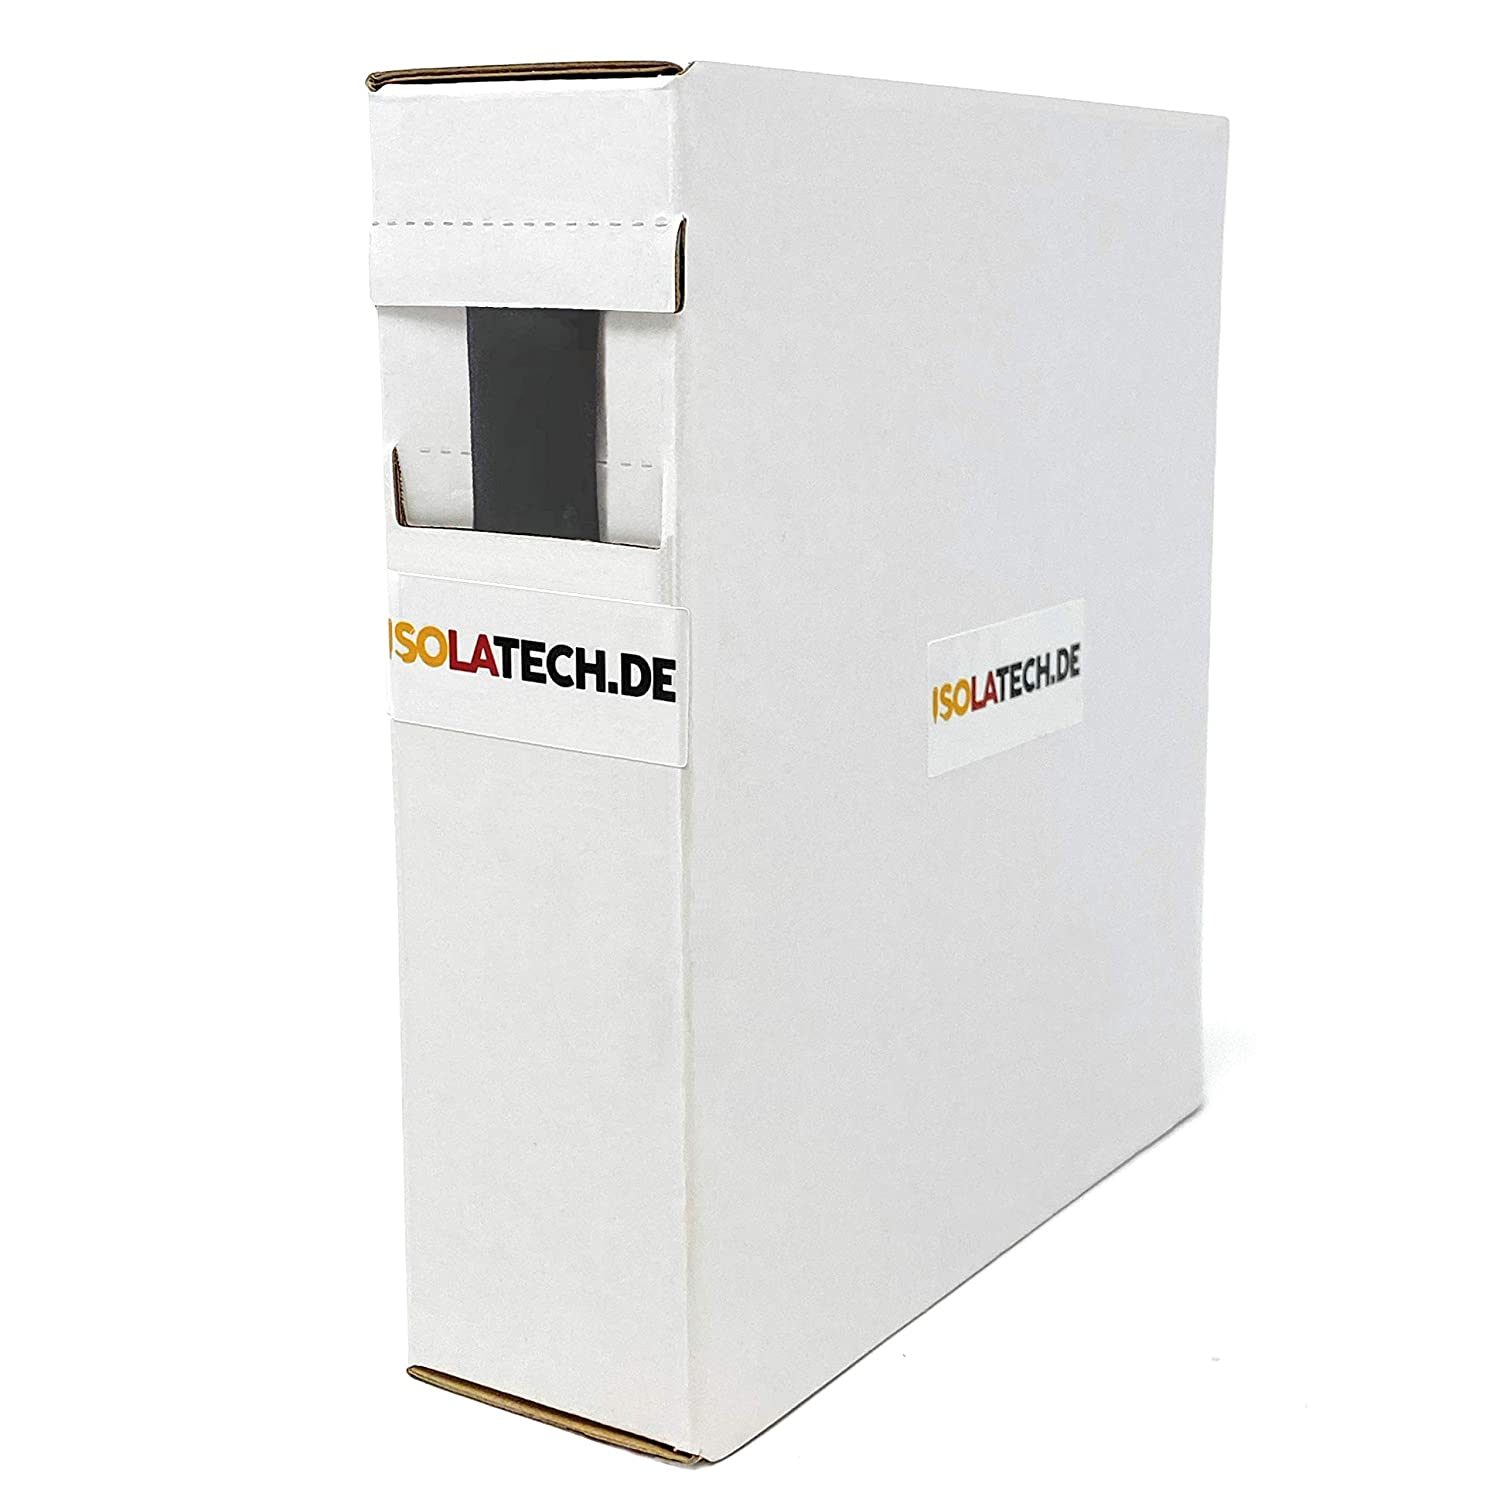 De ISOLATECH Mini Box 3:1 doubl/é dadh/ésif Noir 3,2mm 10m Gaine Thermor/étractable rouleau dans une bo/îte distributeur pratique